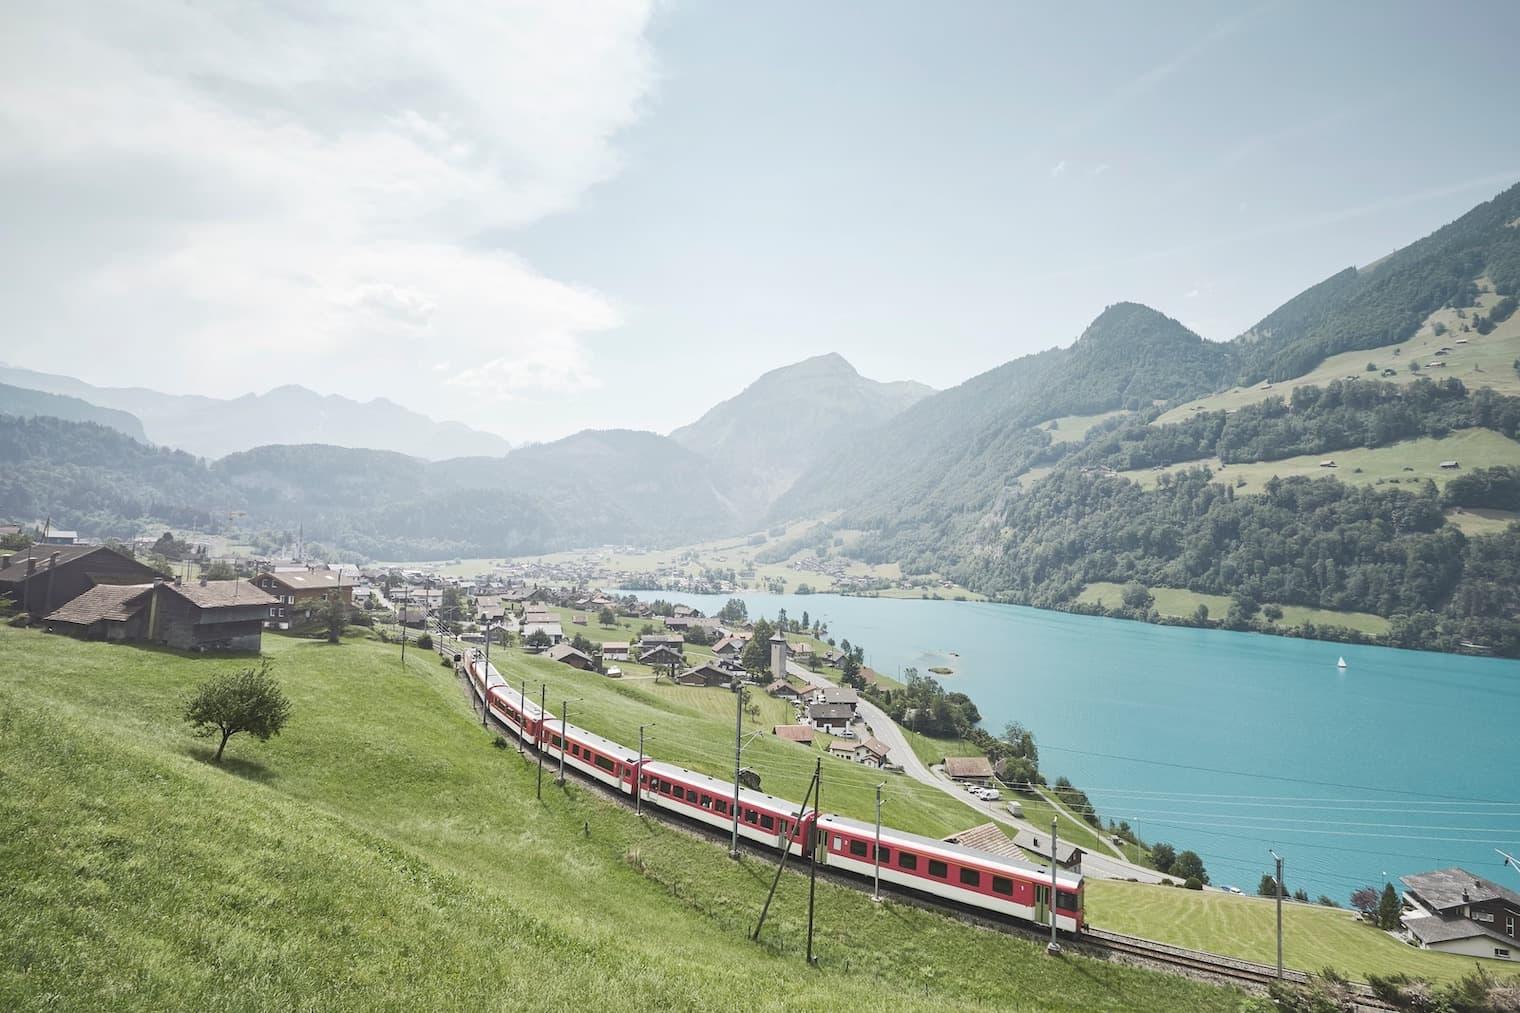 Una ferrovia corre davanti a un panorama rurale costituito da montagne e un lago.